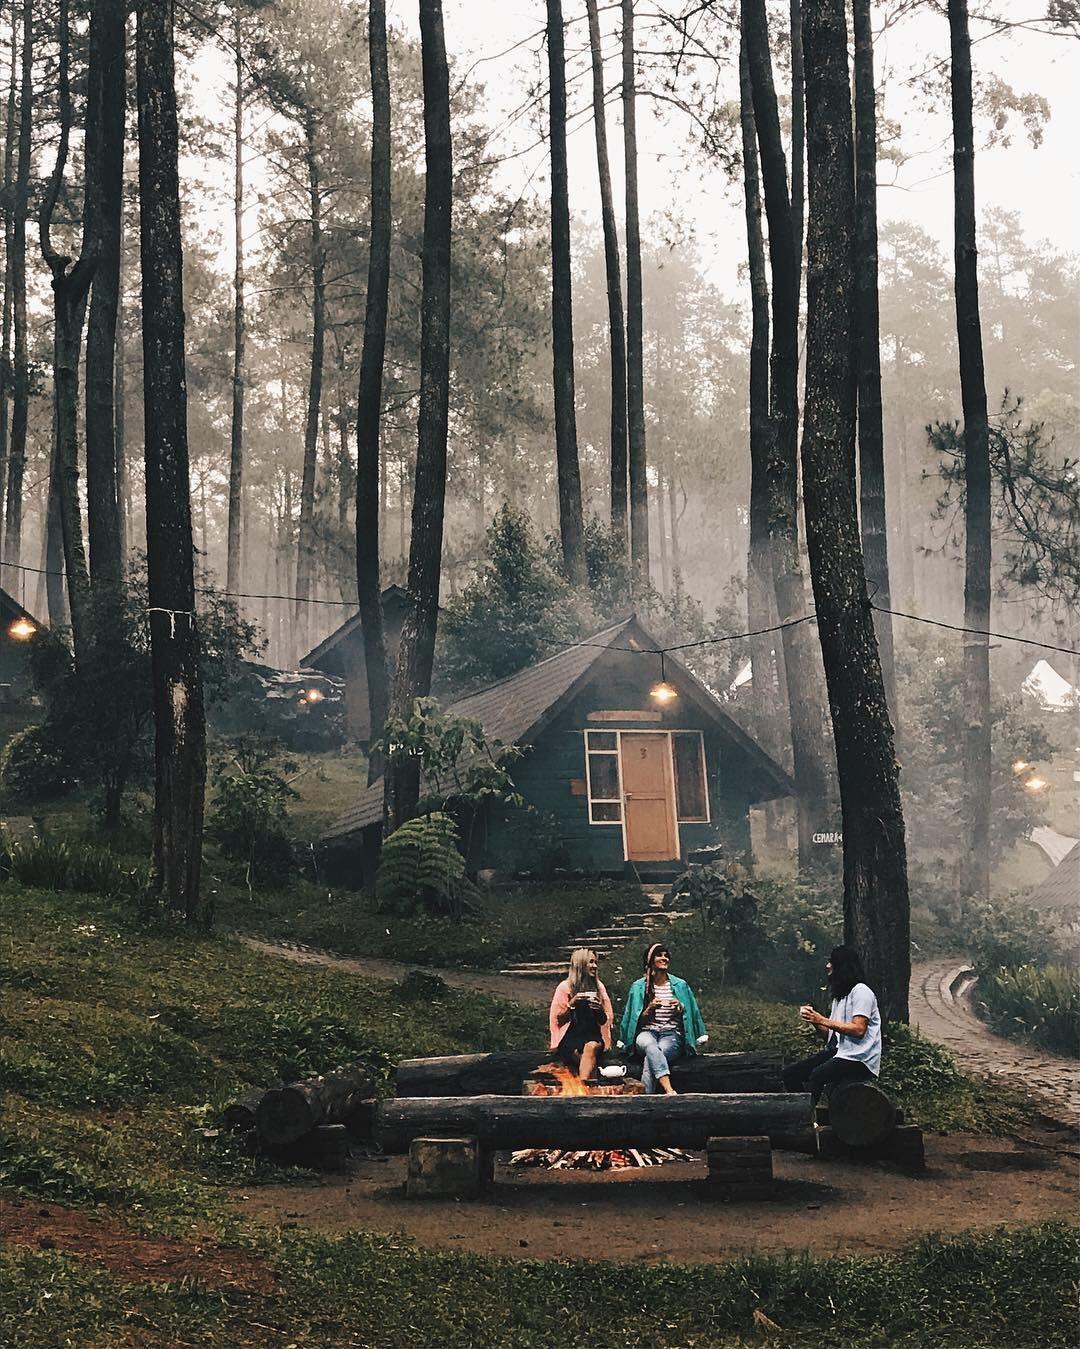 7 Tempat di Bandung yang Keren untuk Berfoto, Instagramable Banget!